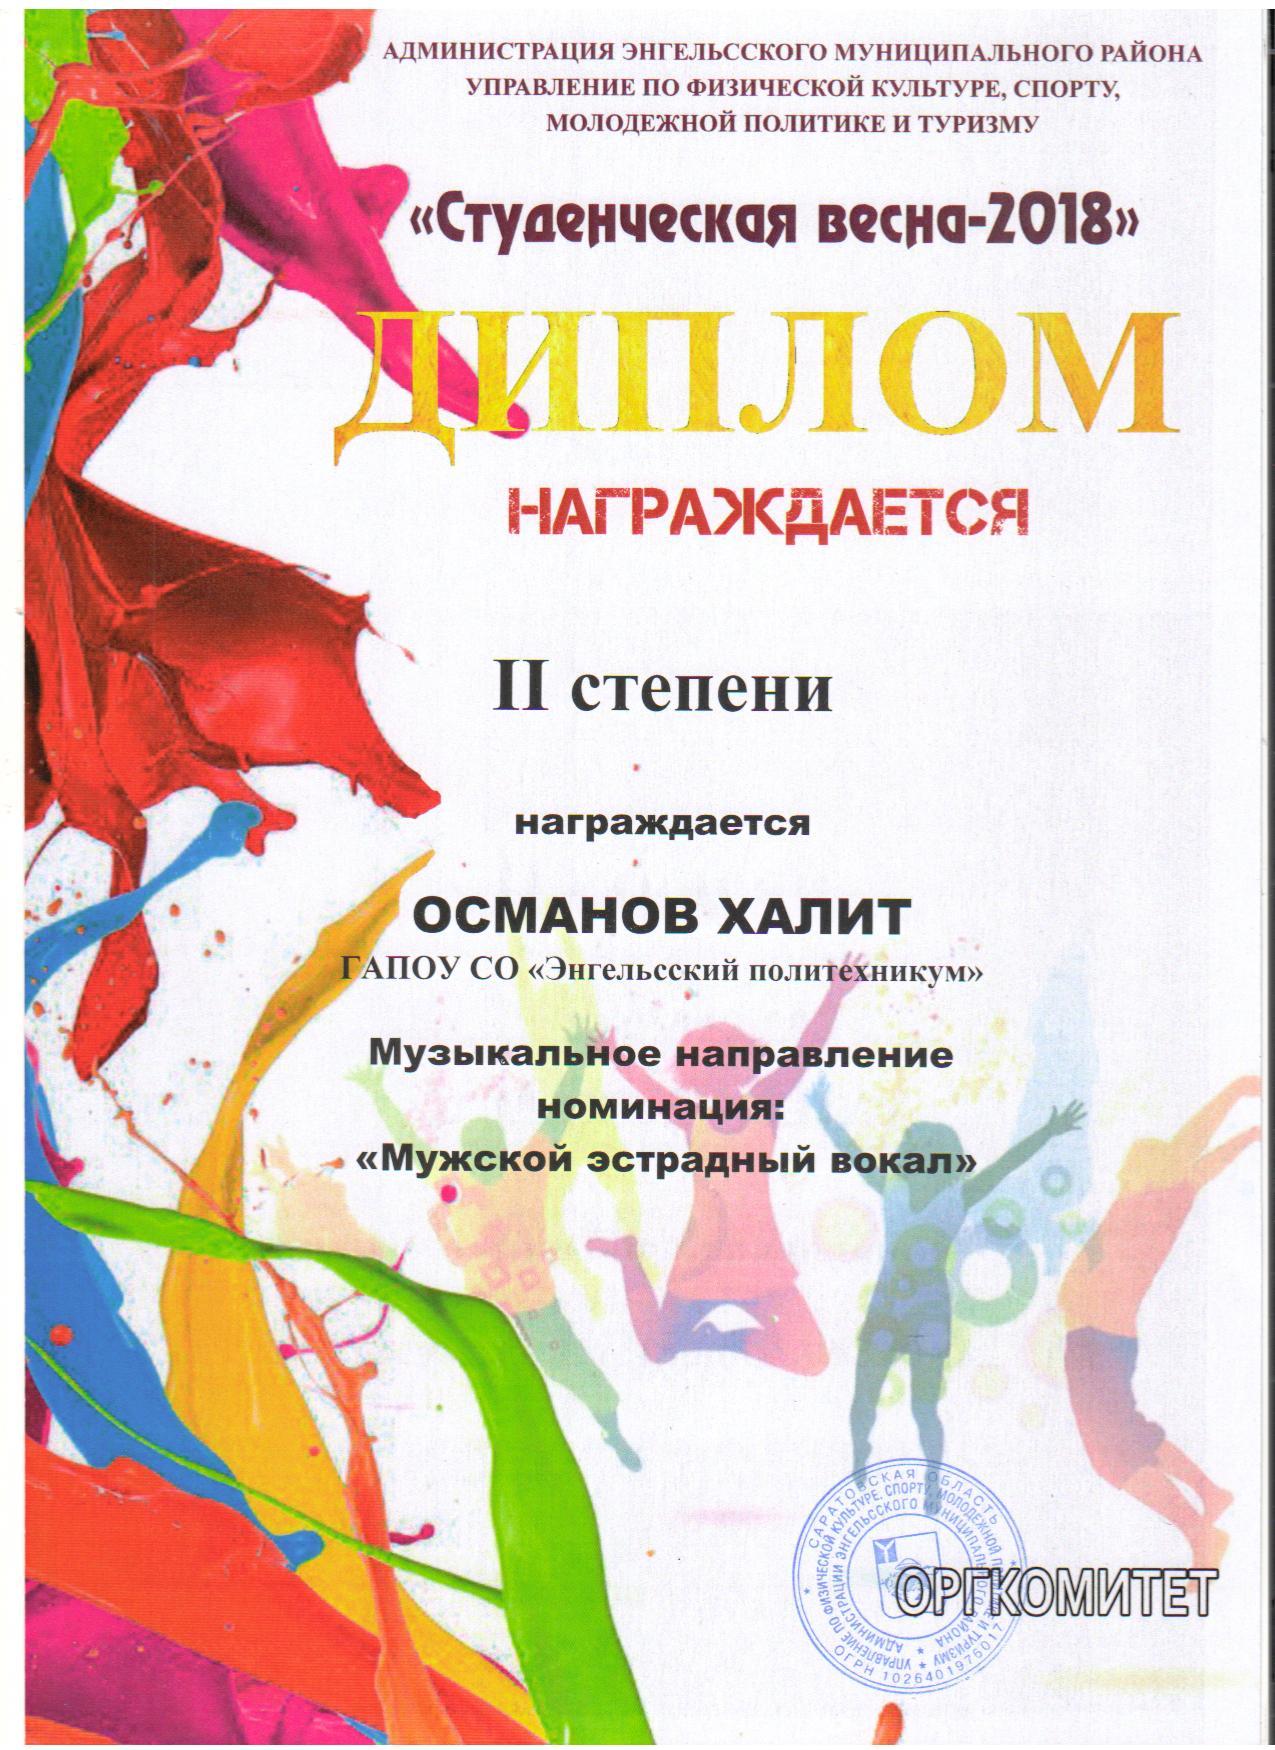 http://politehnikum-eng.ru/2018/04_18/17.jpg